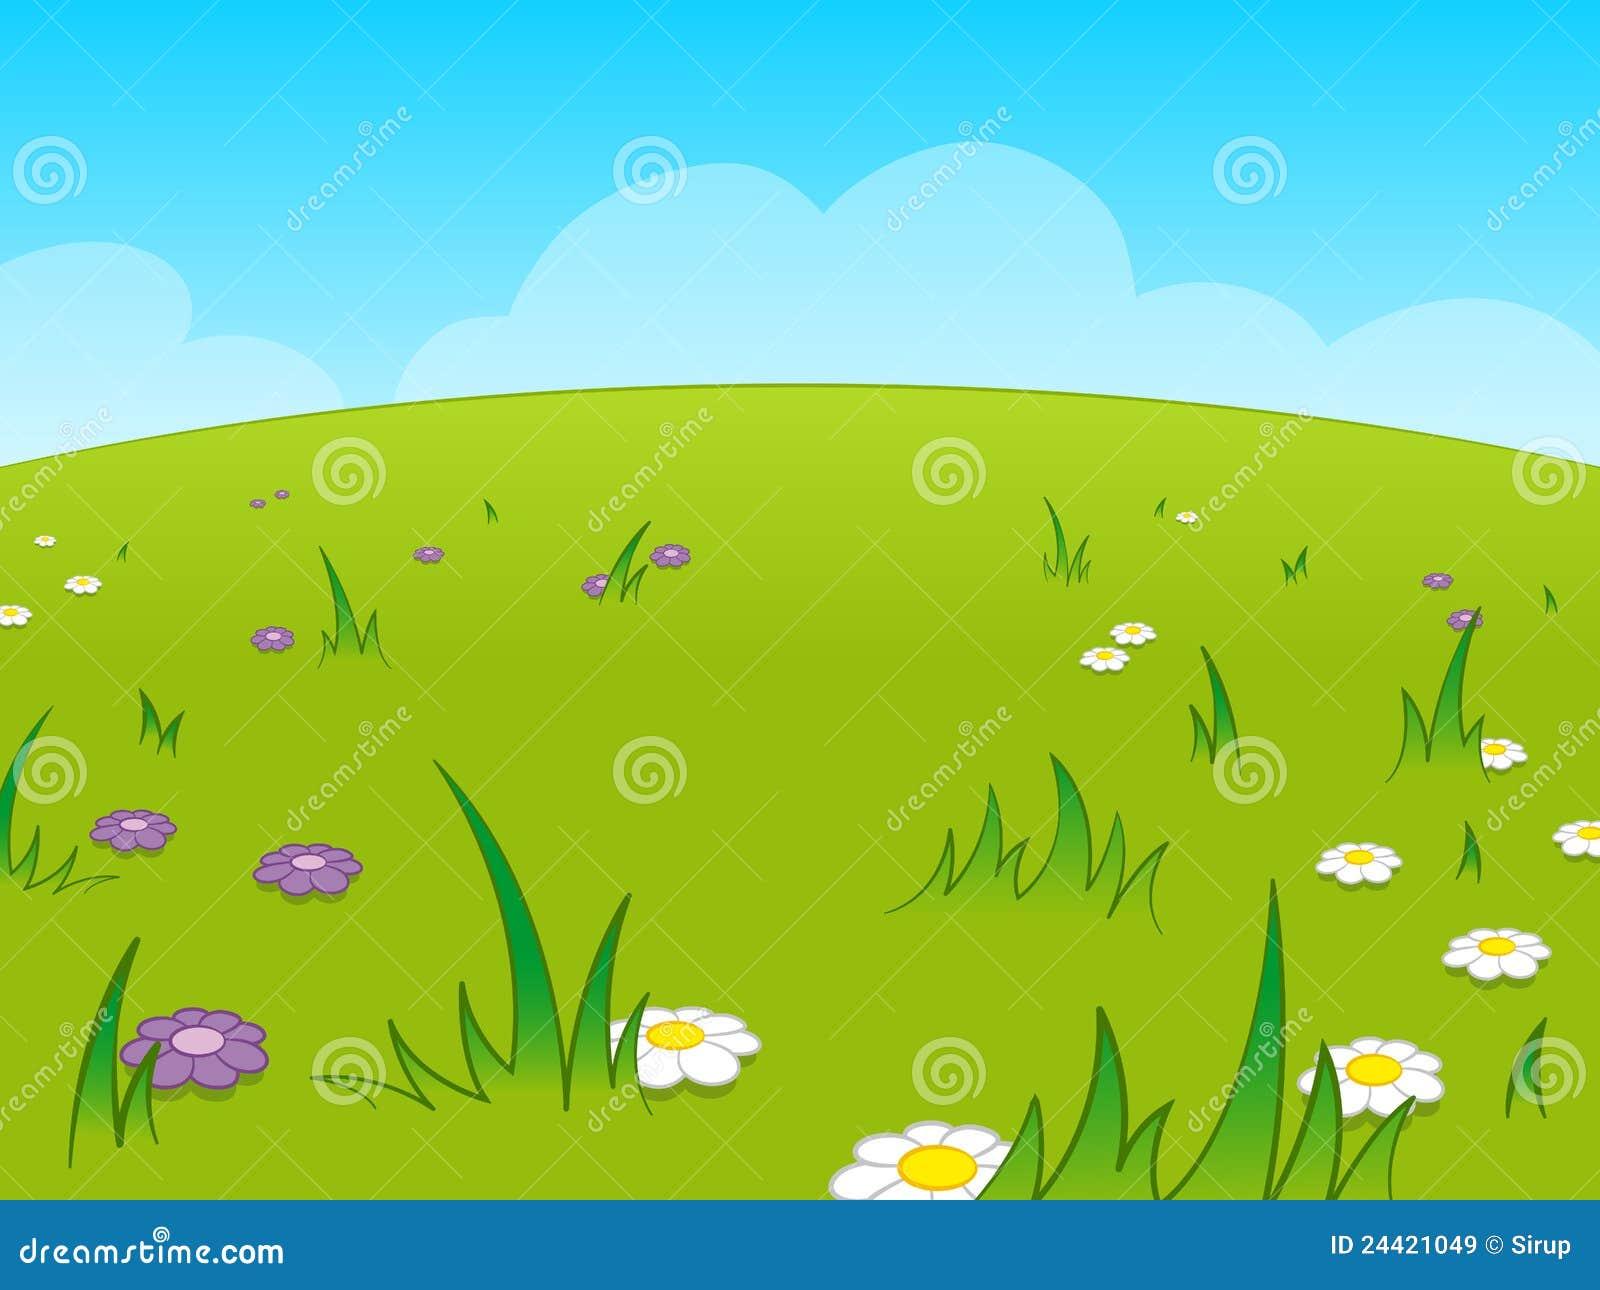 Summer Garden Clipart